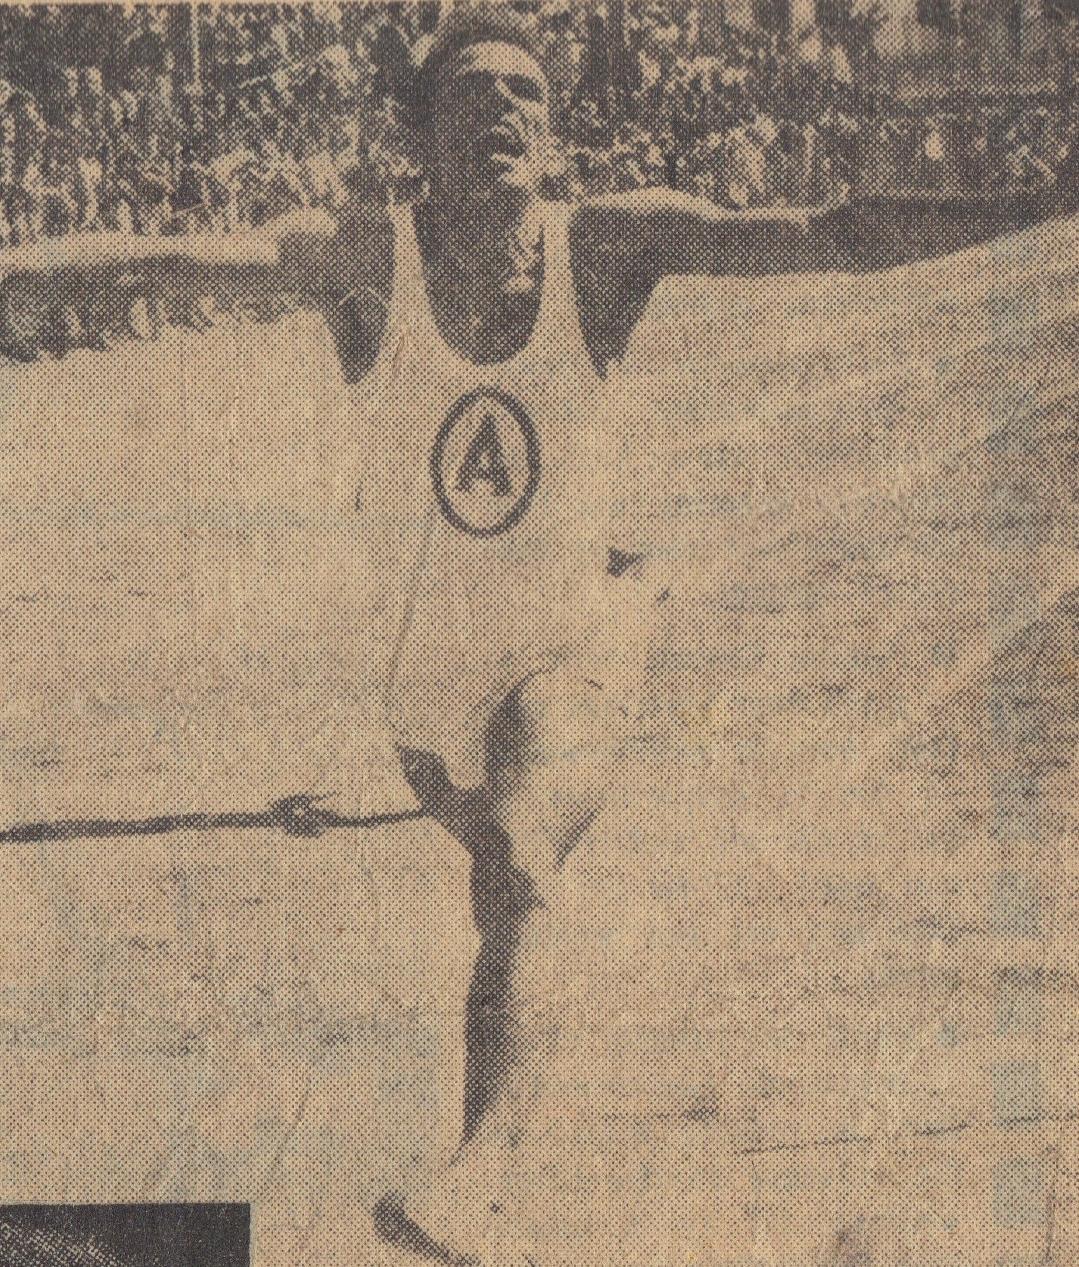 Jackie Swanepoel